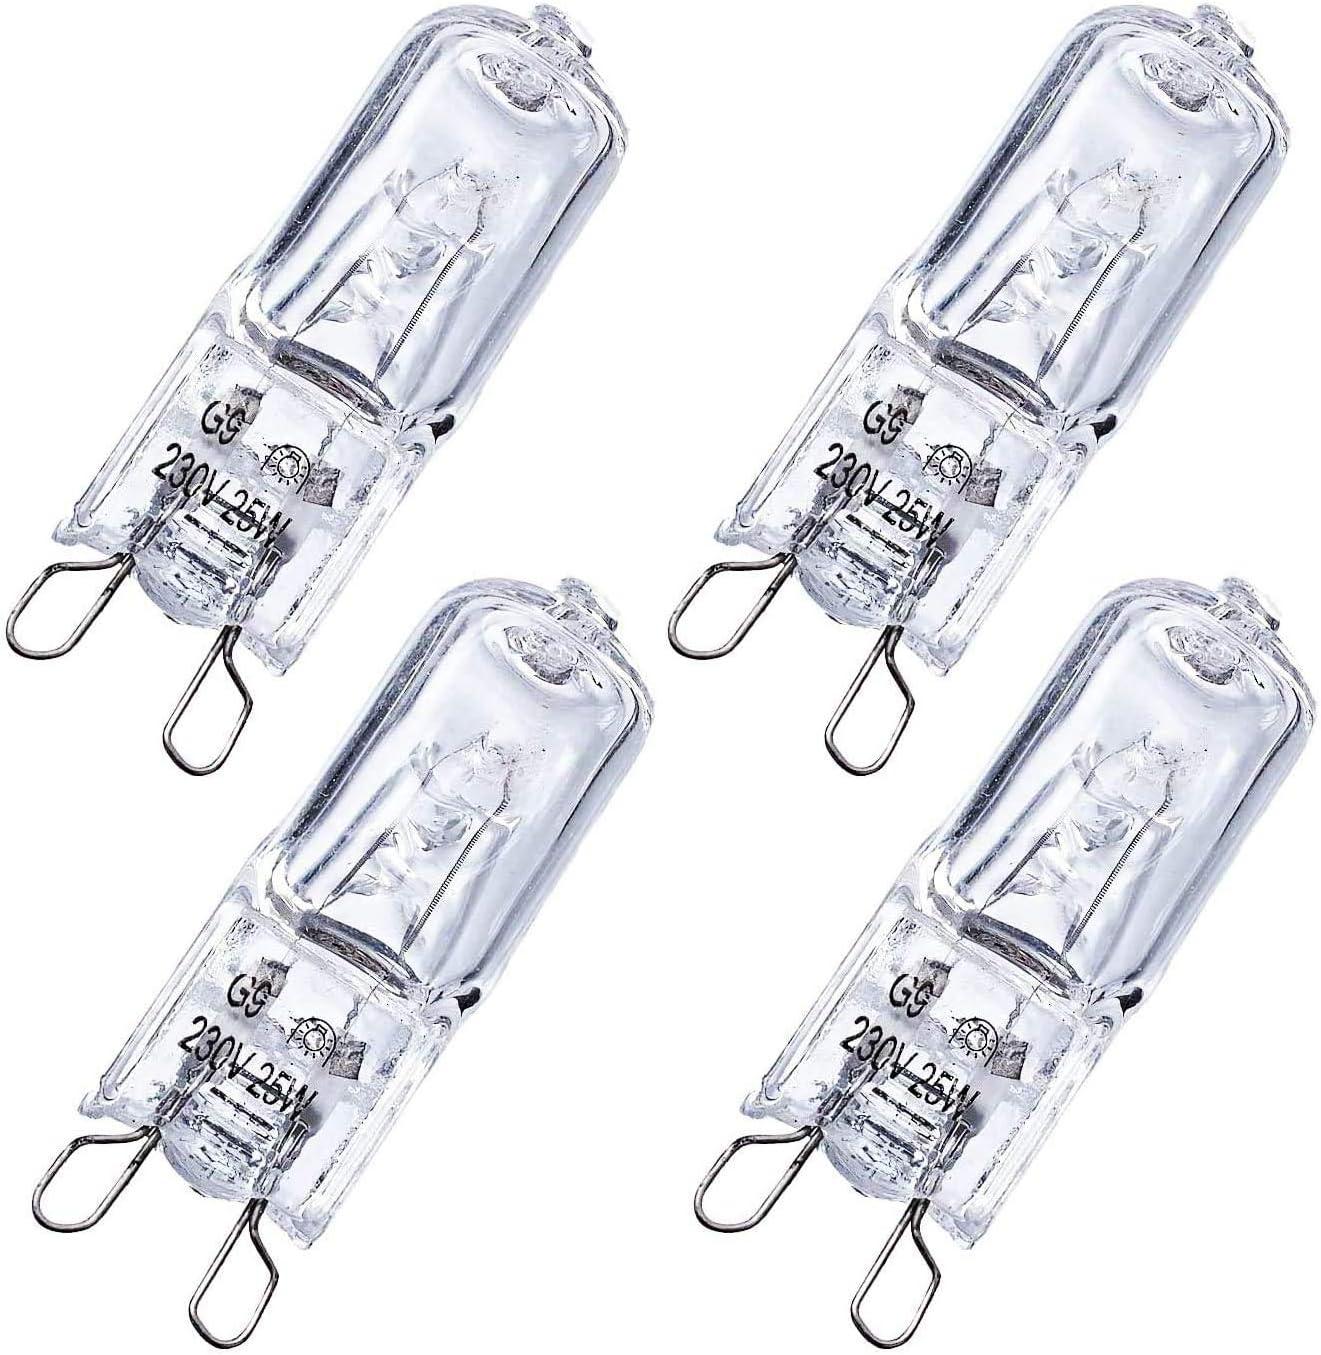 Bombillas Halógenas G9 25W 230V para Horno y Microondas, Bombilla Blanco Cálido Poweka 2700K Tolerante al Calor 300 ° (4 Piezas)